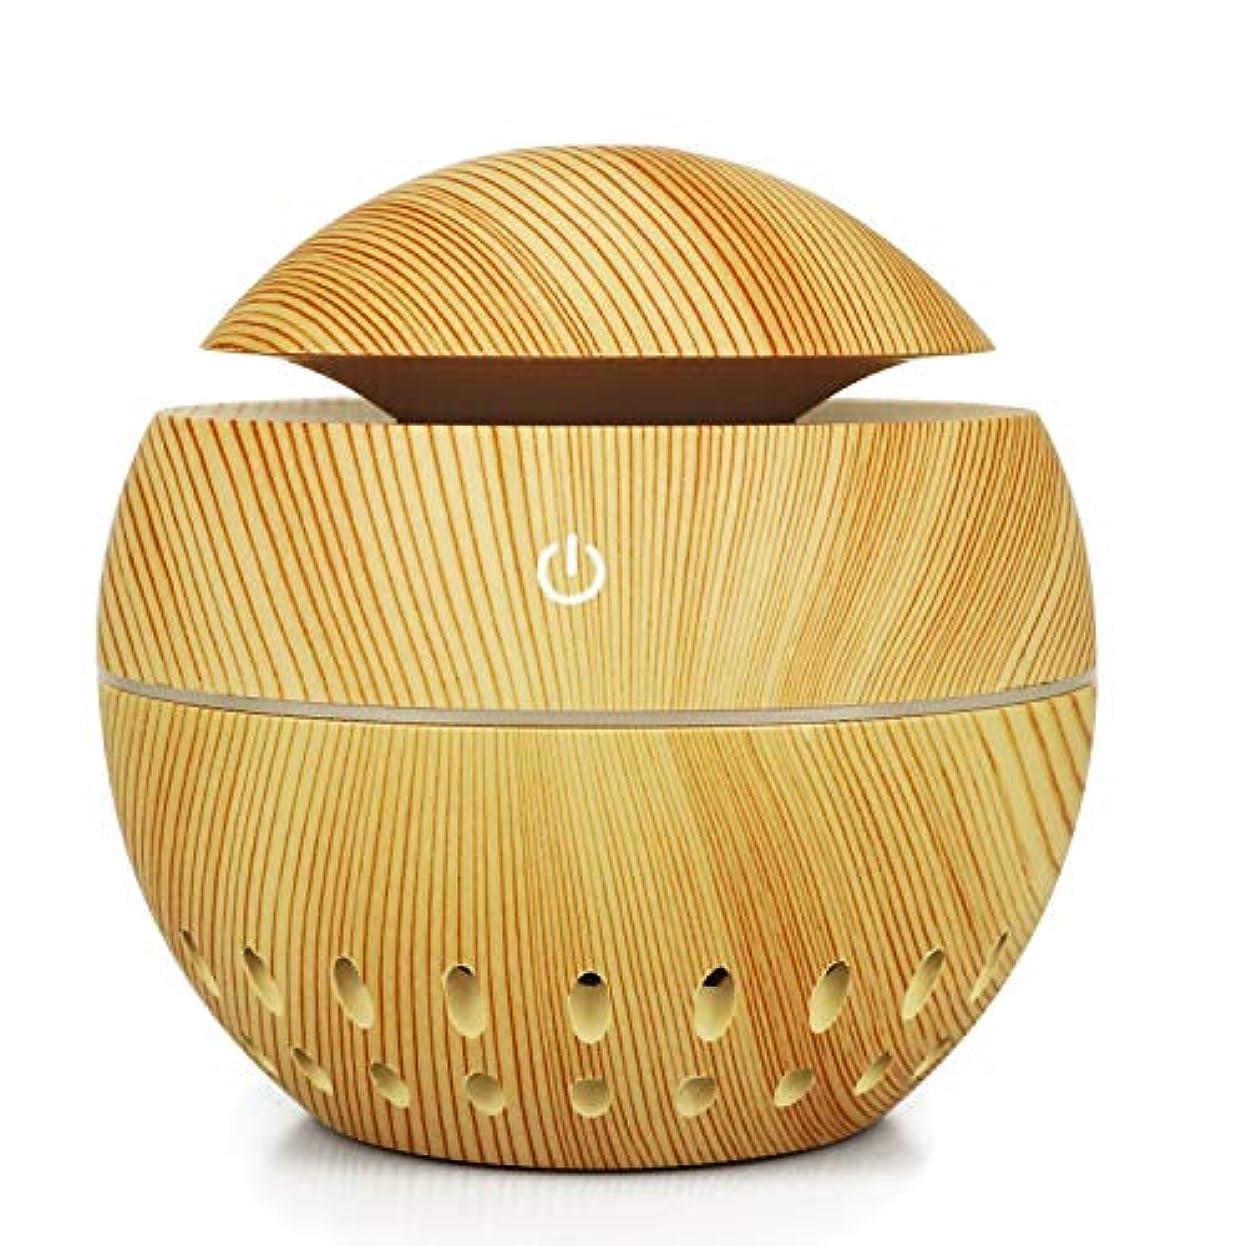 毒不健康群れ加湿器USBウッドグレイン中空加湿器きのこマシン総本店小型家電、ブラウン (Color : Brass)